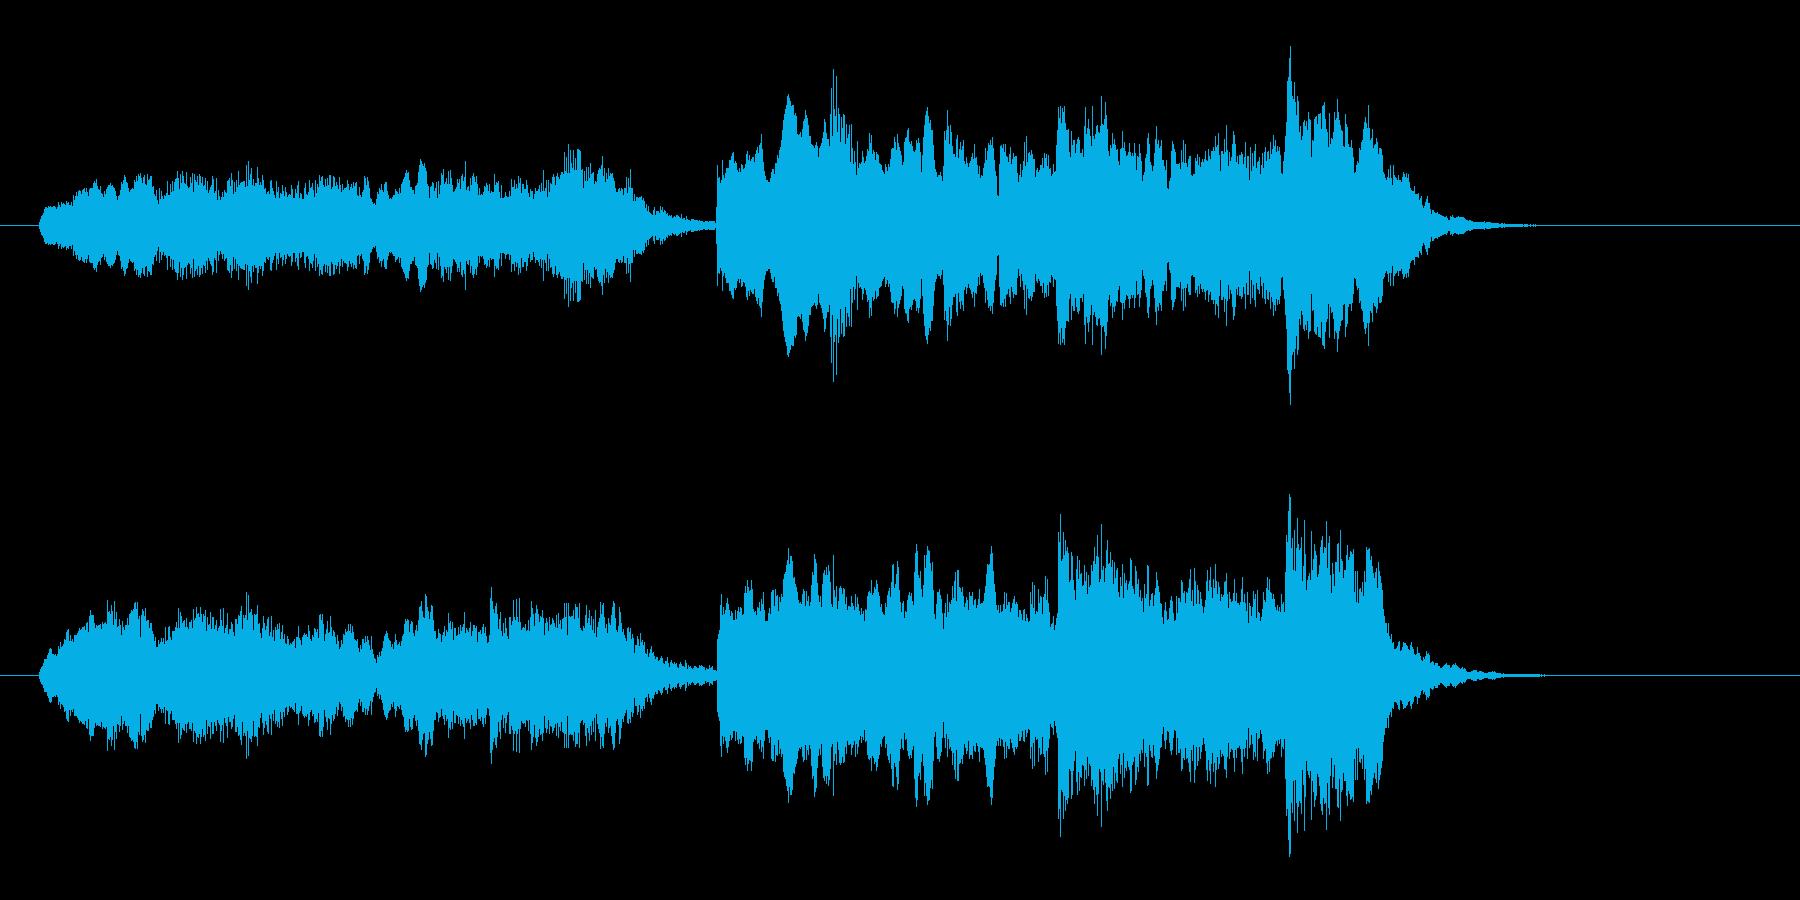 二胡の音がアジア大陸を思わせる短い楽曲の再生済みの波形